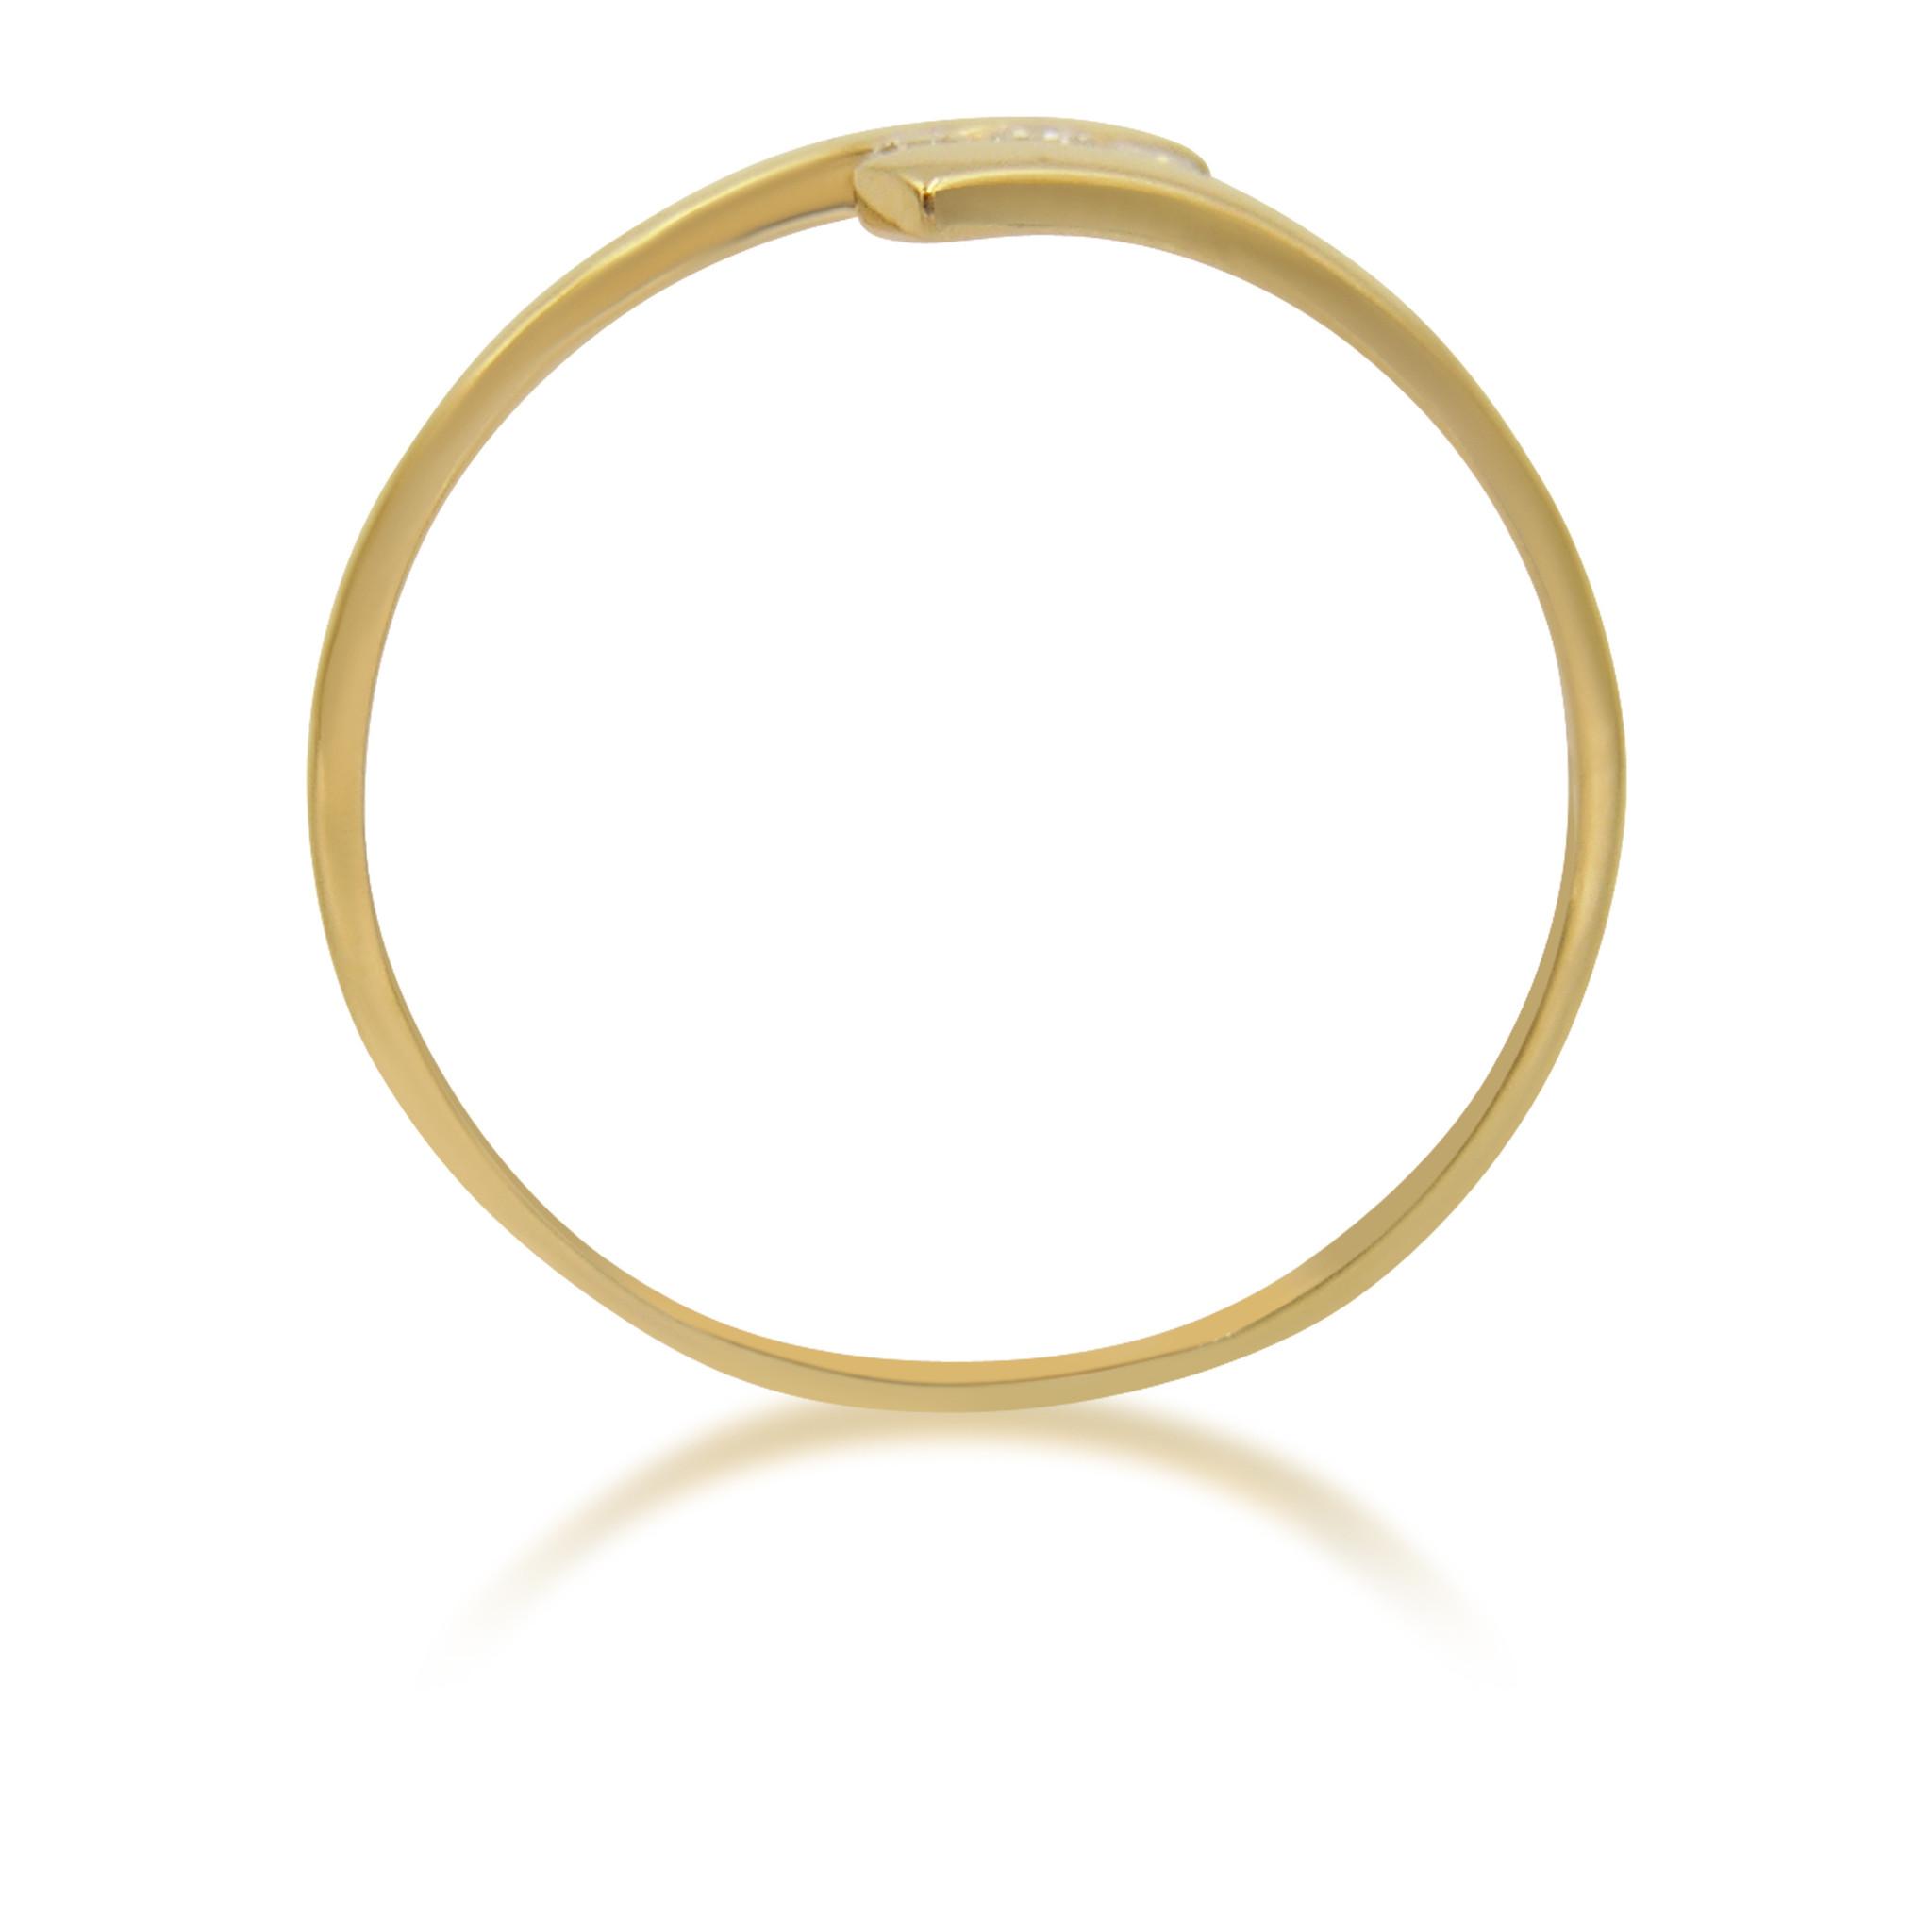 18 karaat geel goud verlovingsring met 0.06 ct diamant